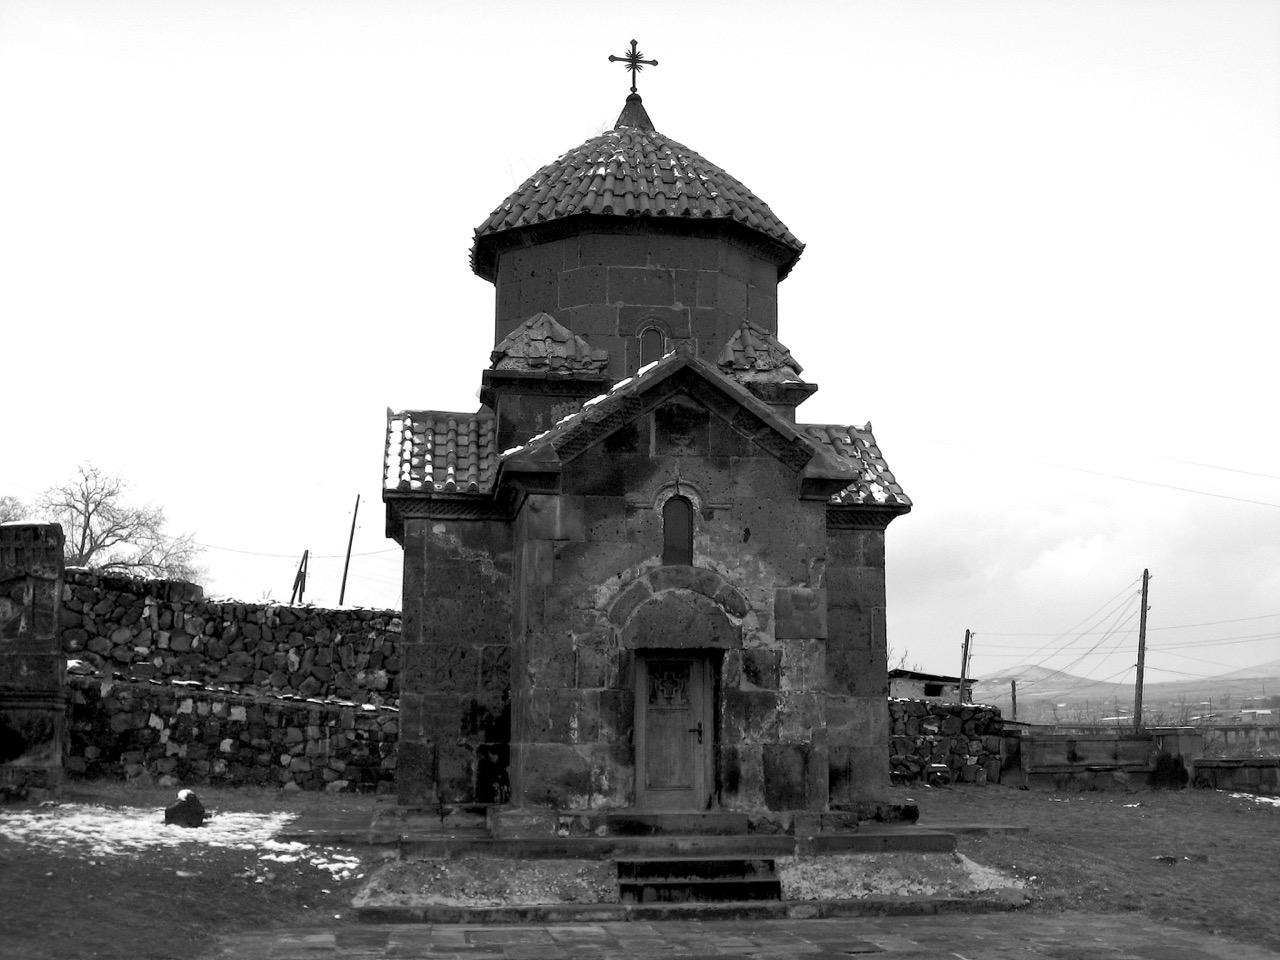 Foto: Aschtarak. Aus: Eriwan. Kapitel 1. Aufzeichnungen aus Armenien von Marc Degens.